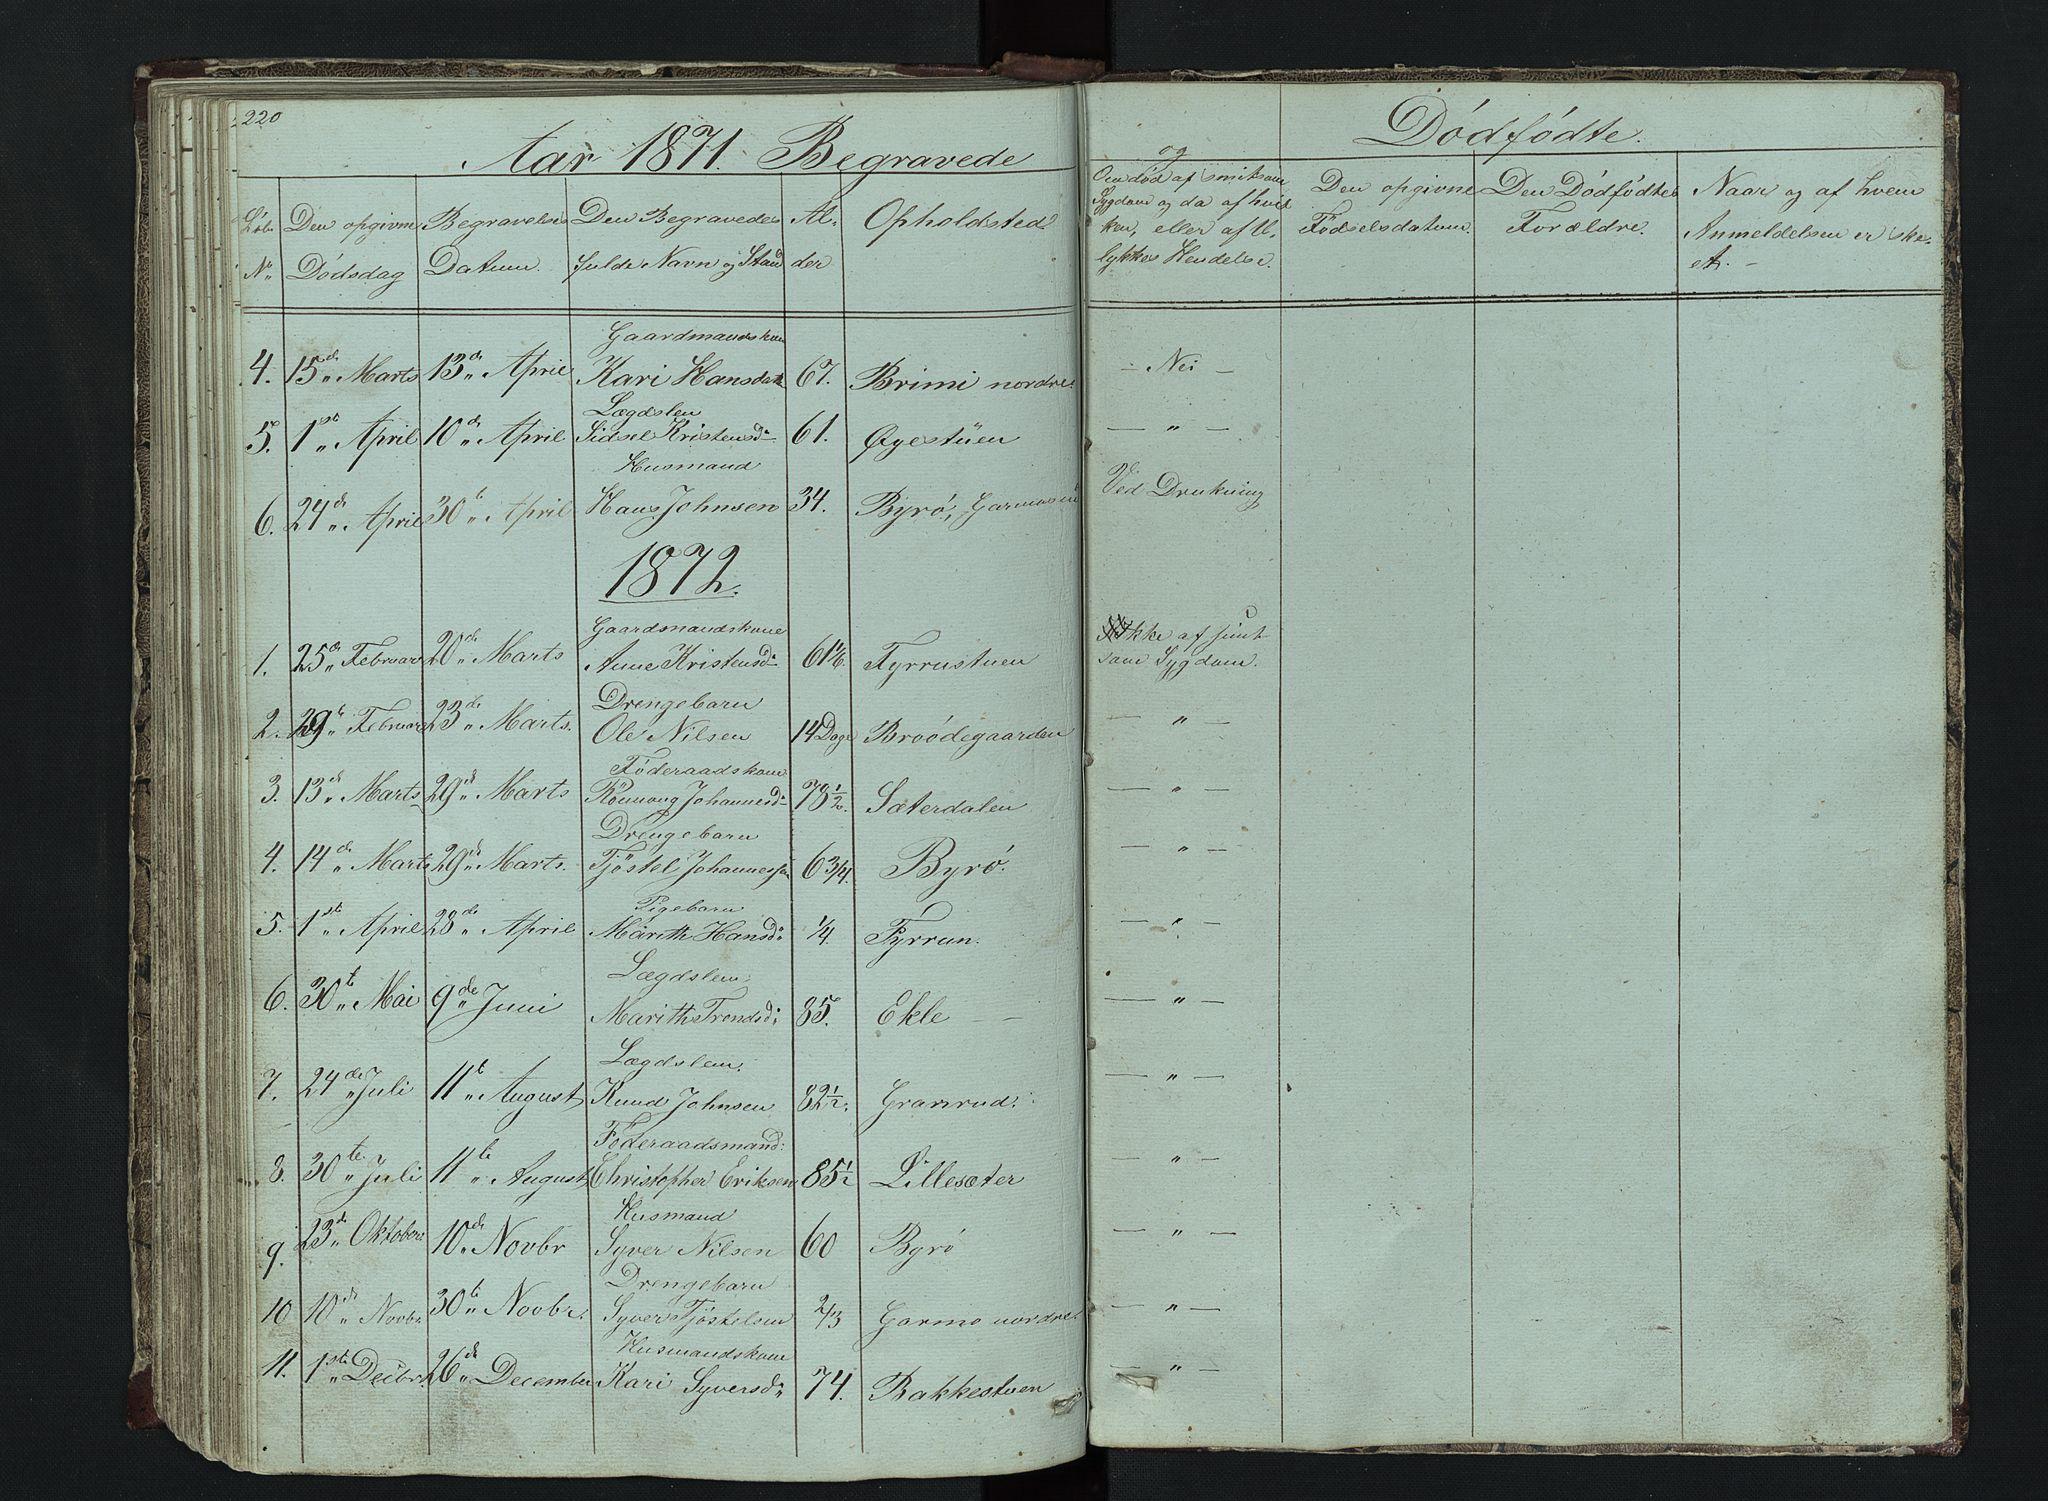 SAH, Lom prestekontor, L/L0014: Klokkerbok nr. 14, 1845-1876, s. 220-221